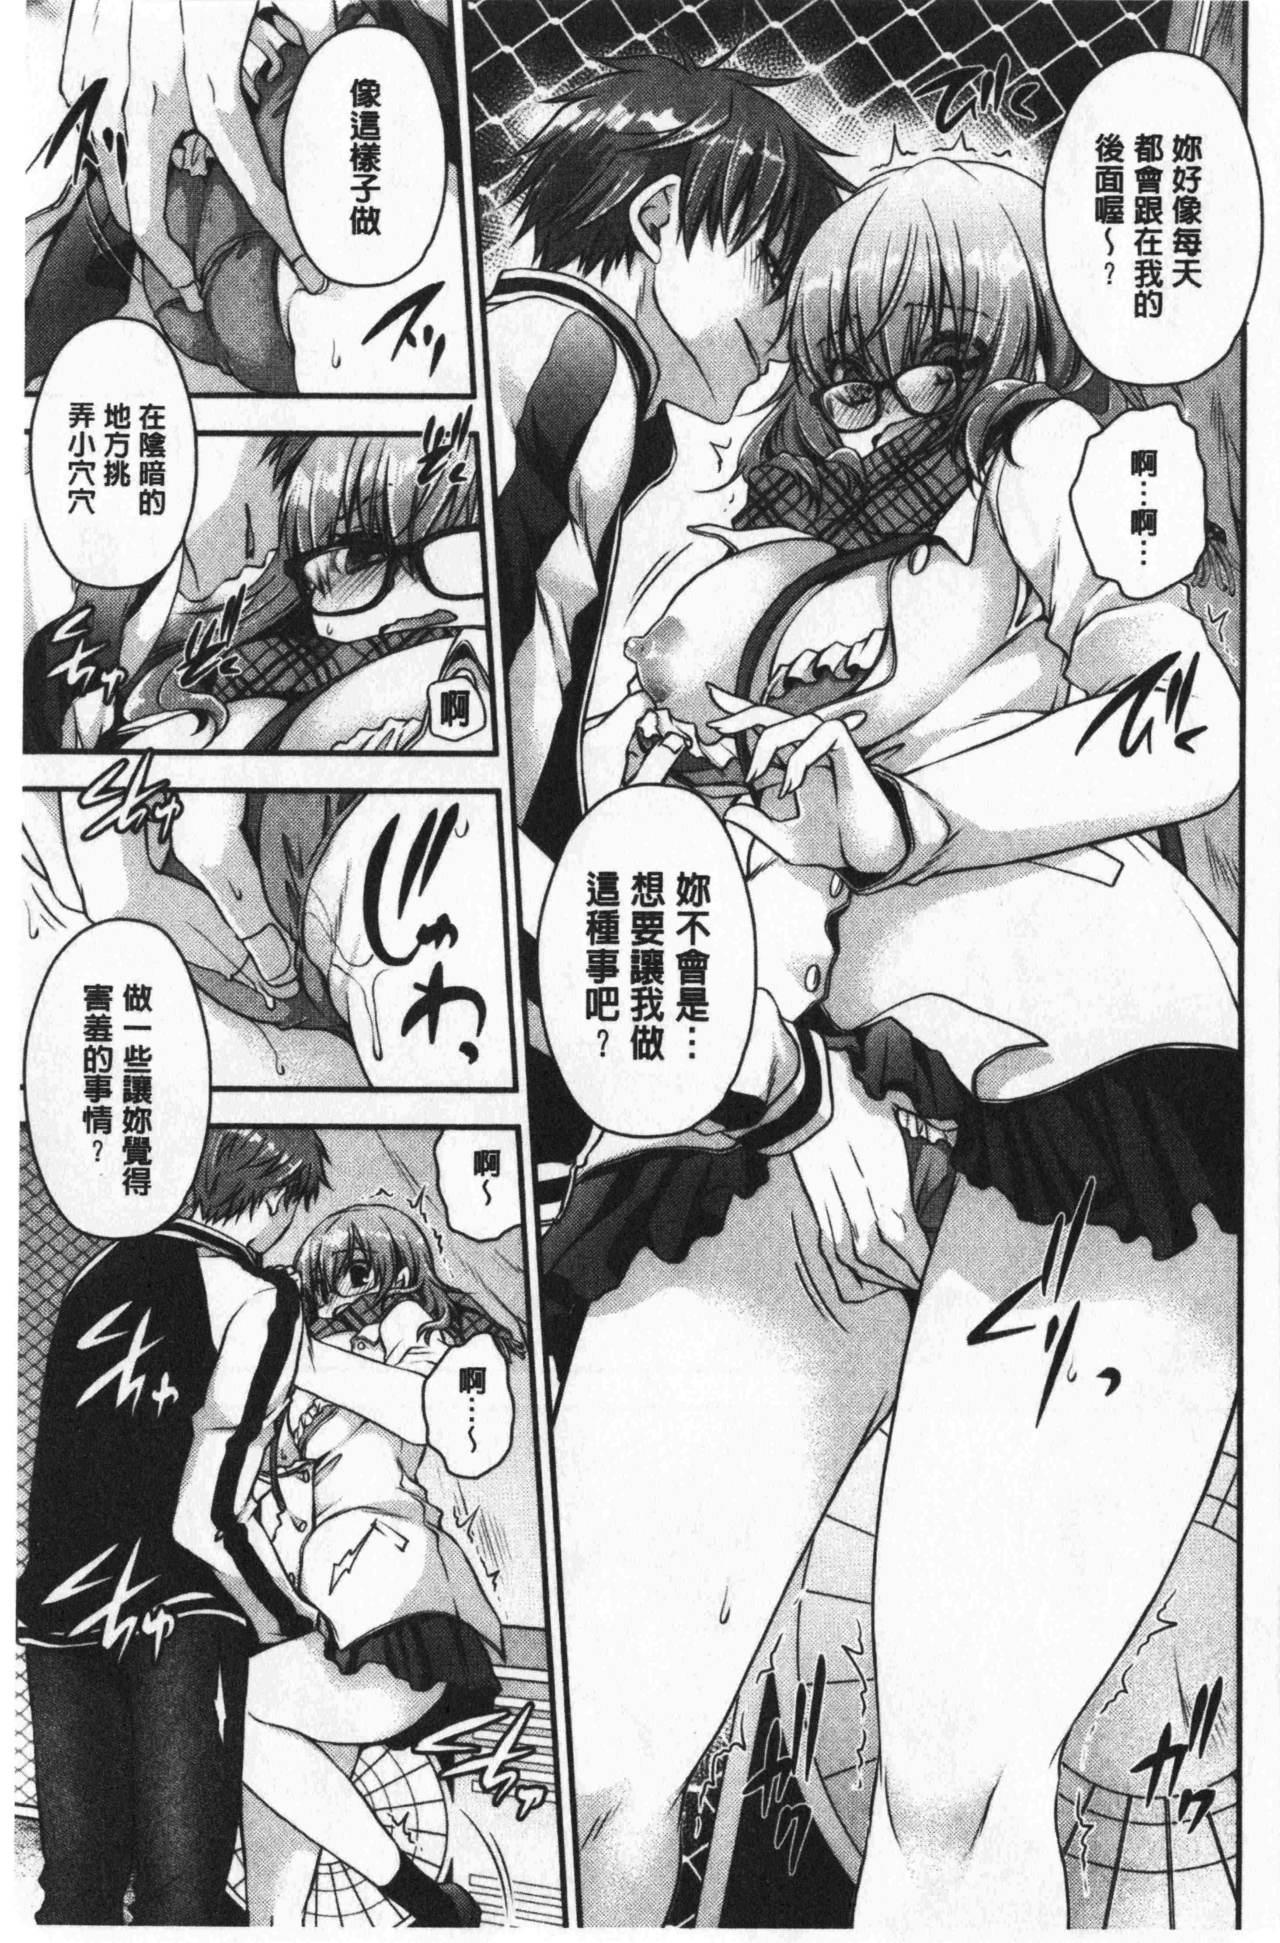 Doku Aru Hana no Amai Mitsu   毒淫花的甘甜蜜 80